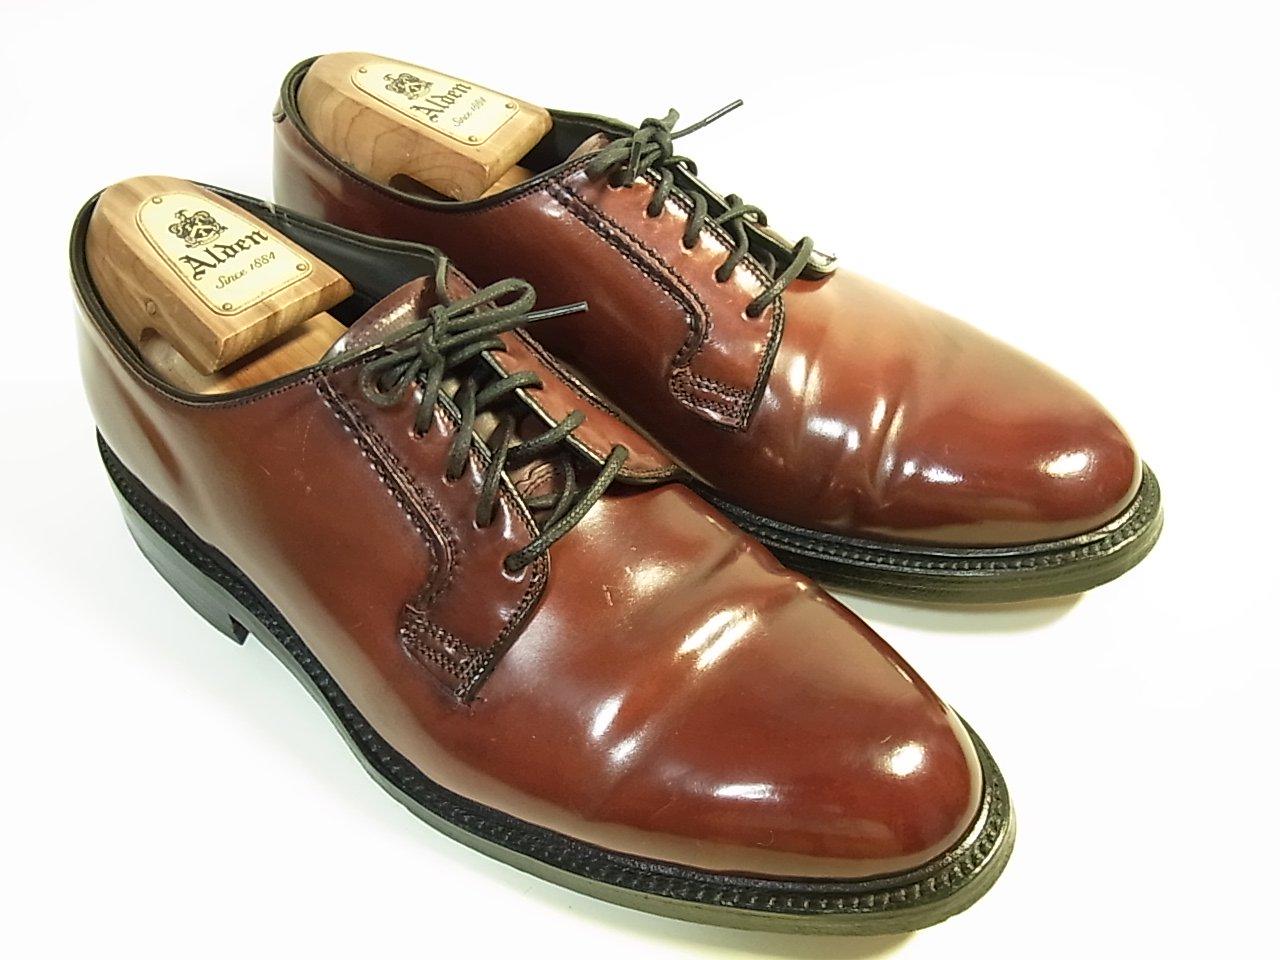 ... 高級靴の買取委託と中古USEDの